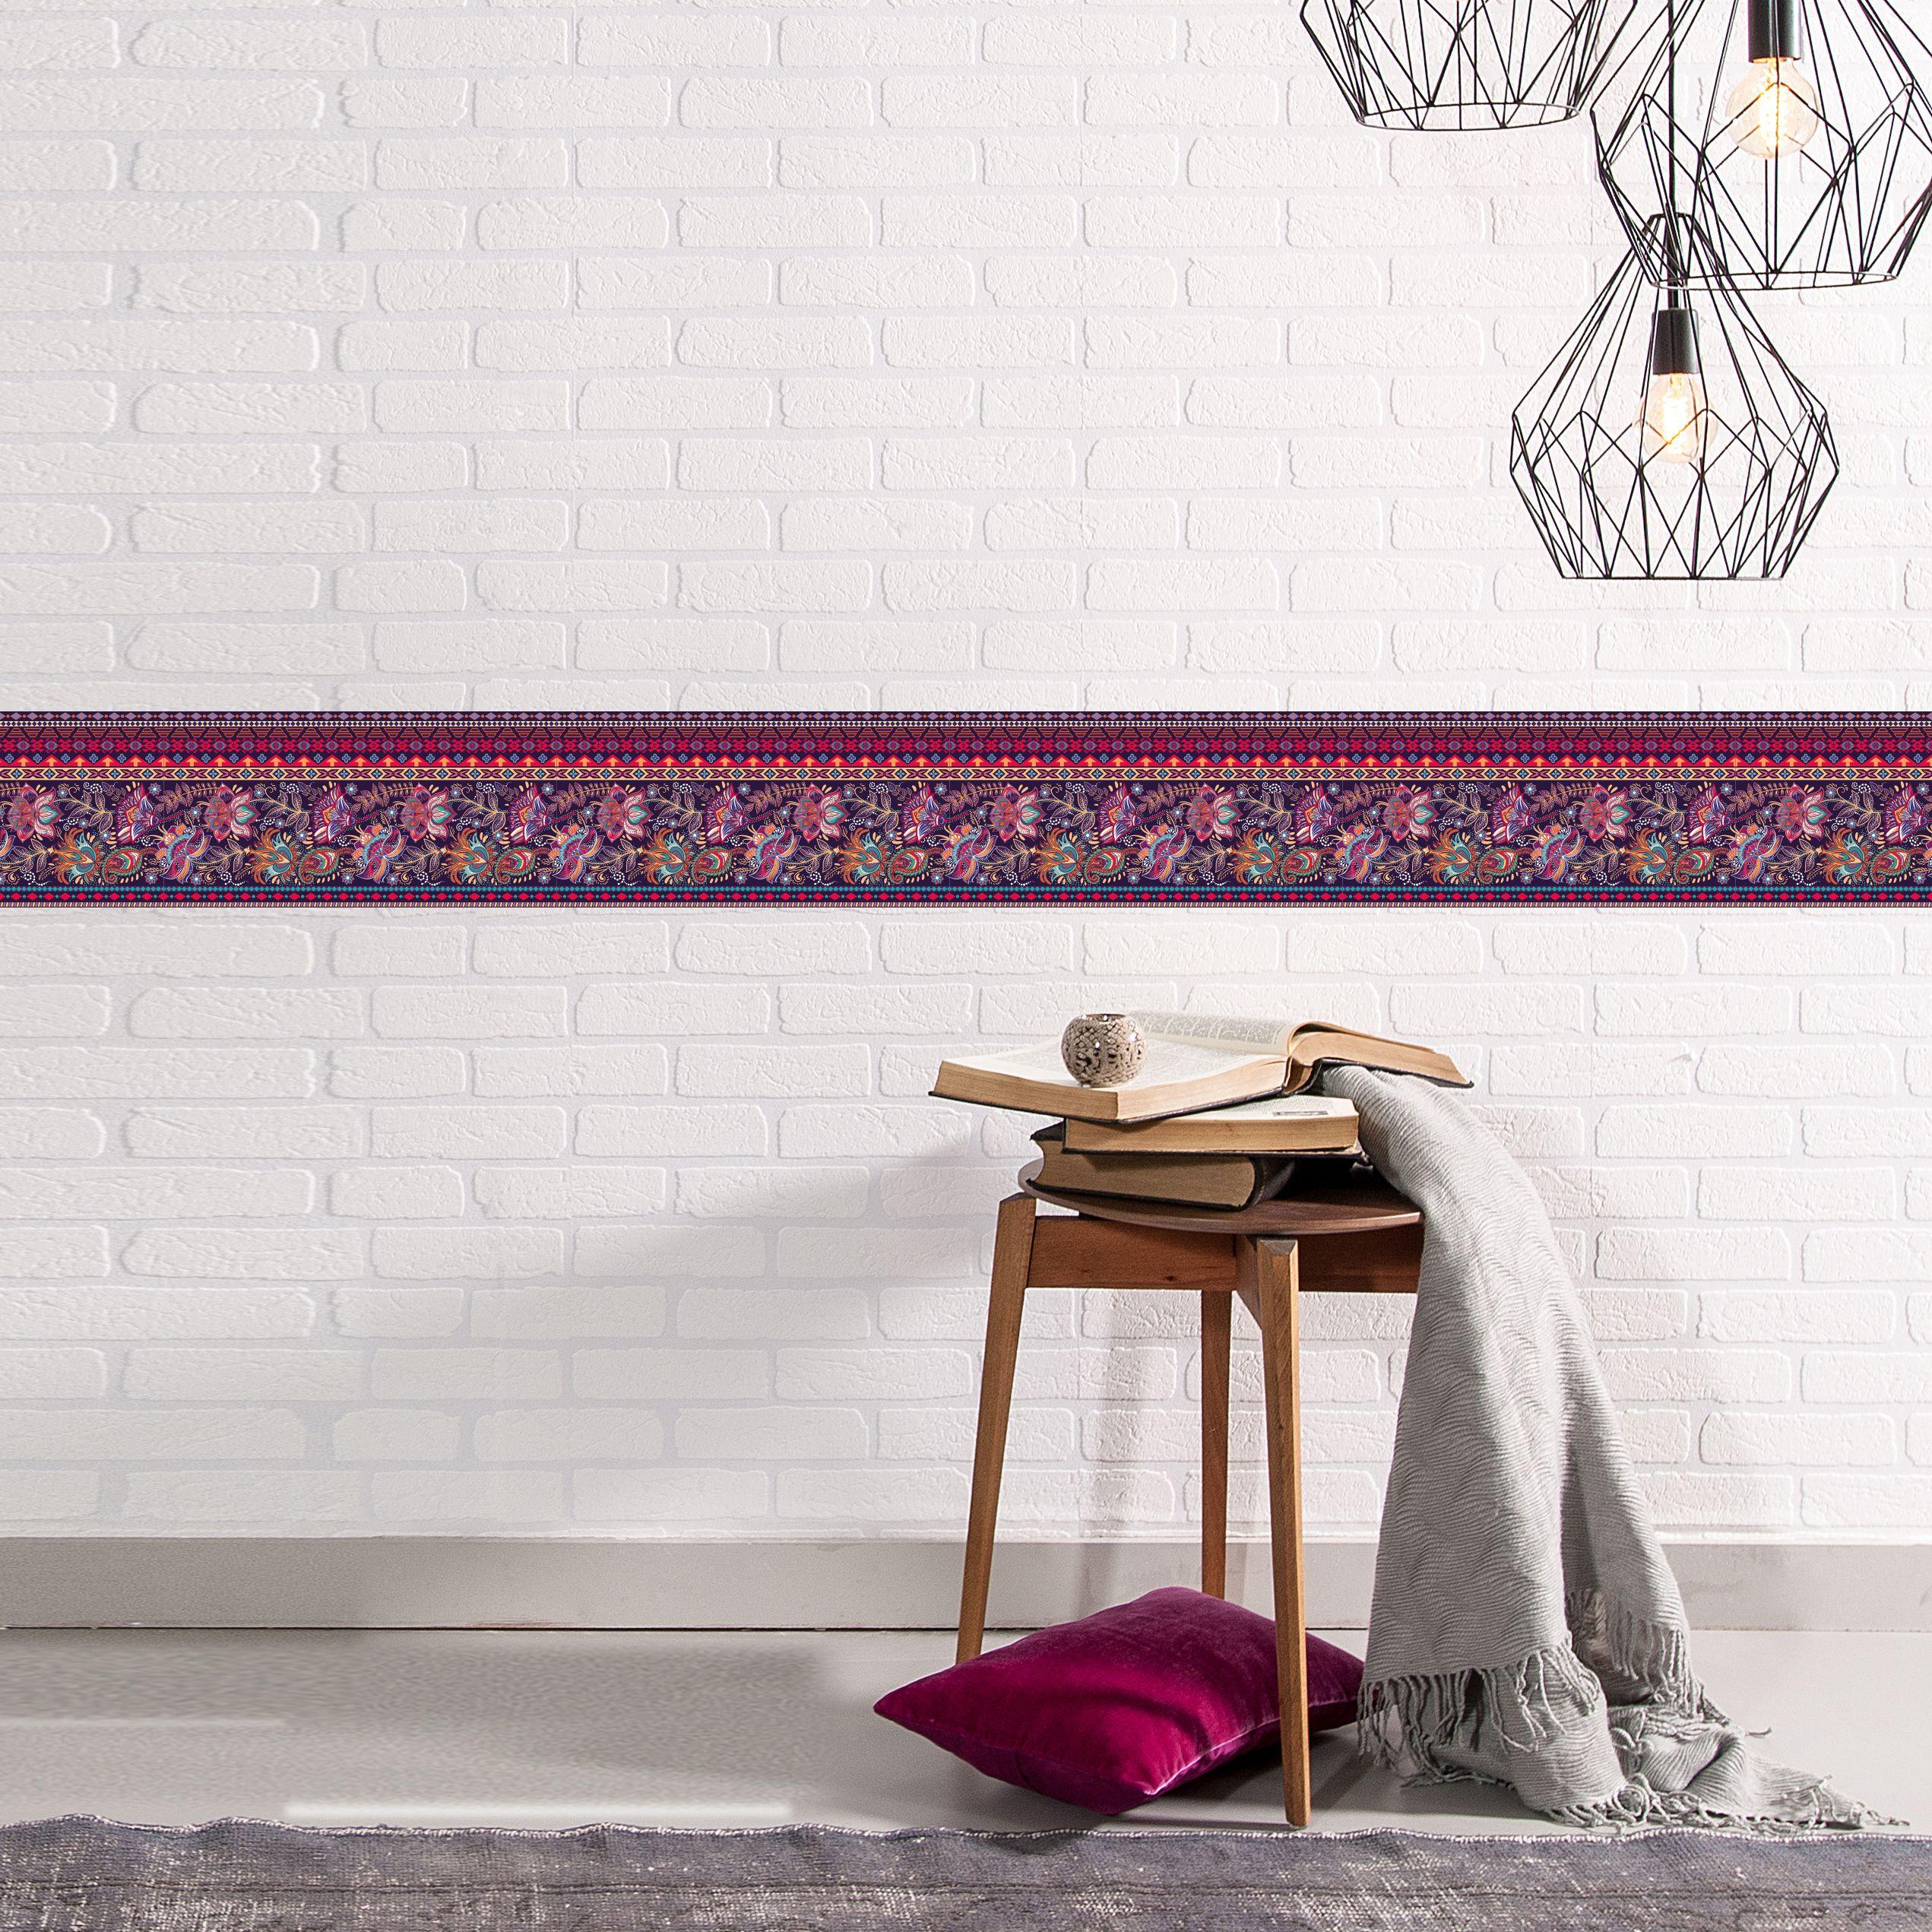 Unsere Qualitats Borduren Mit Dekorativen Mustern Und Farben Verschonern Deine Raume Und Wirken Wie Ein K Tapeten Borduren Selbstklebende Bordure Wandaufkleber